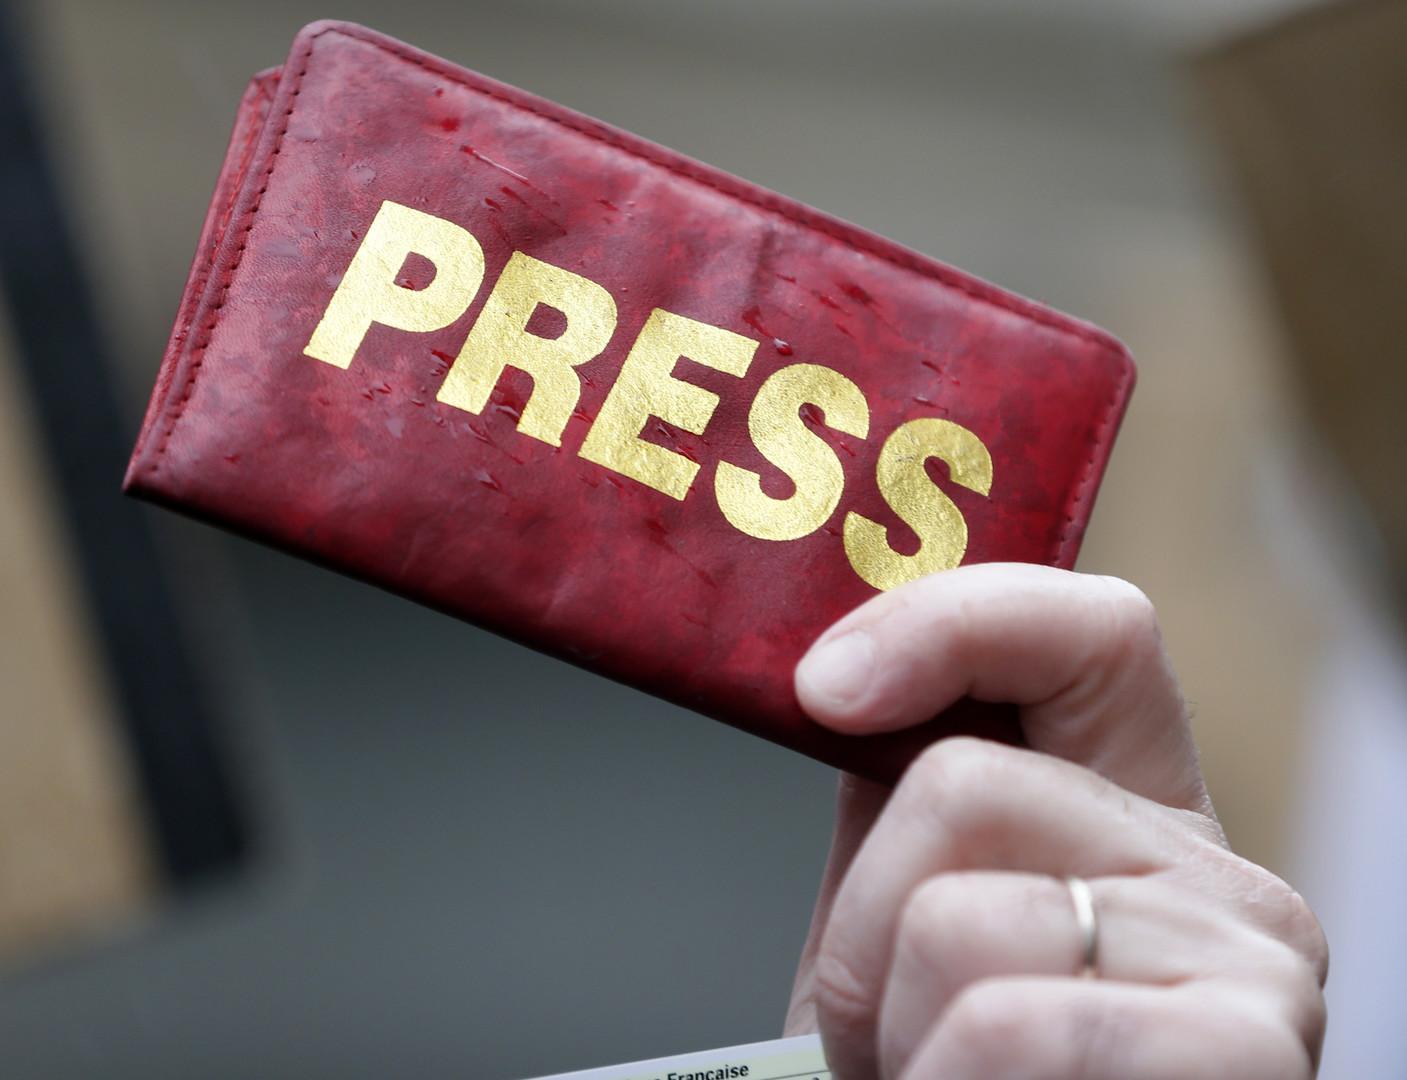 Cлив государственной важности: на Украине опубликованы личные данные 4 тыс. журналистов